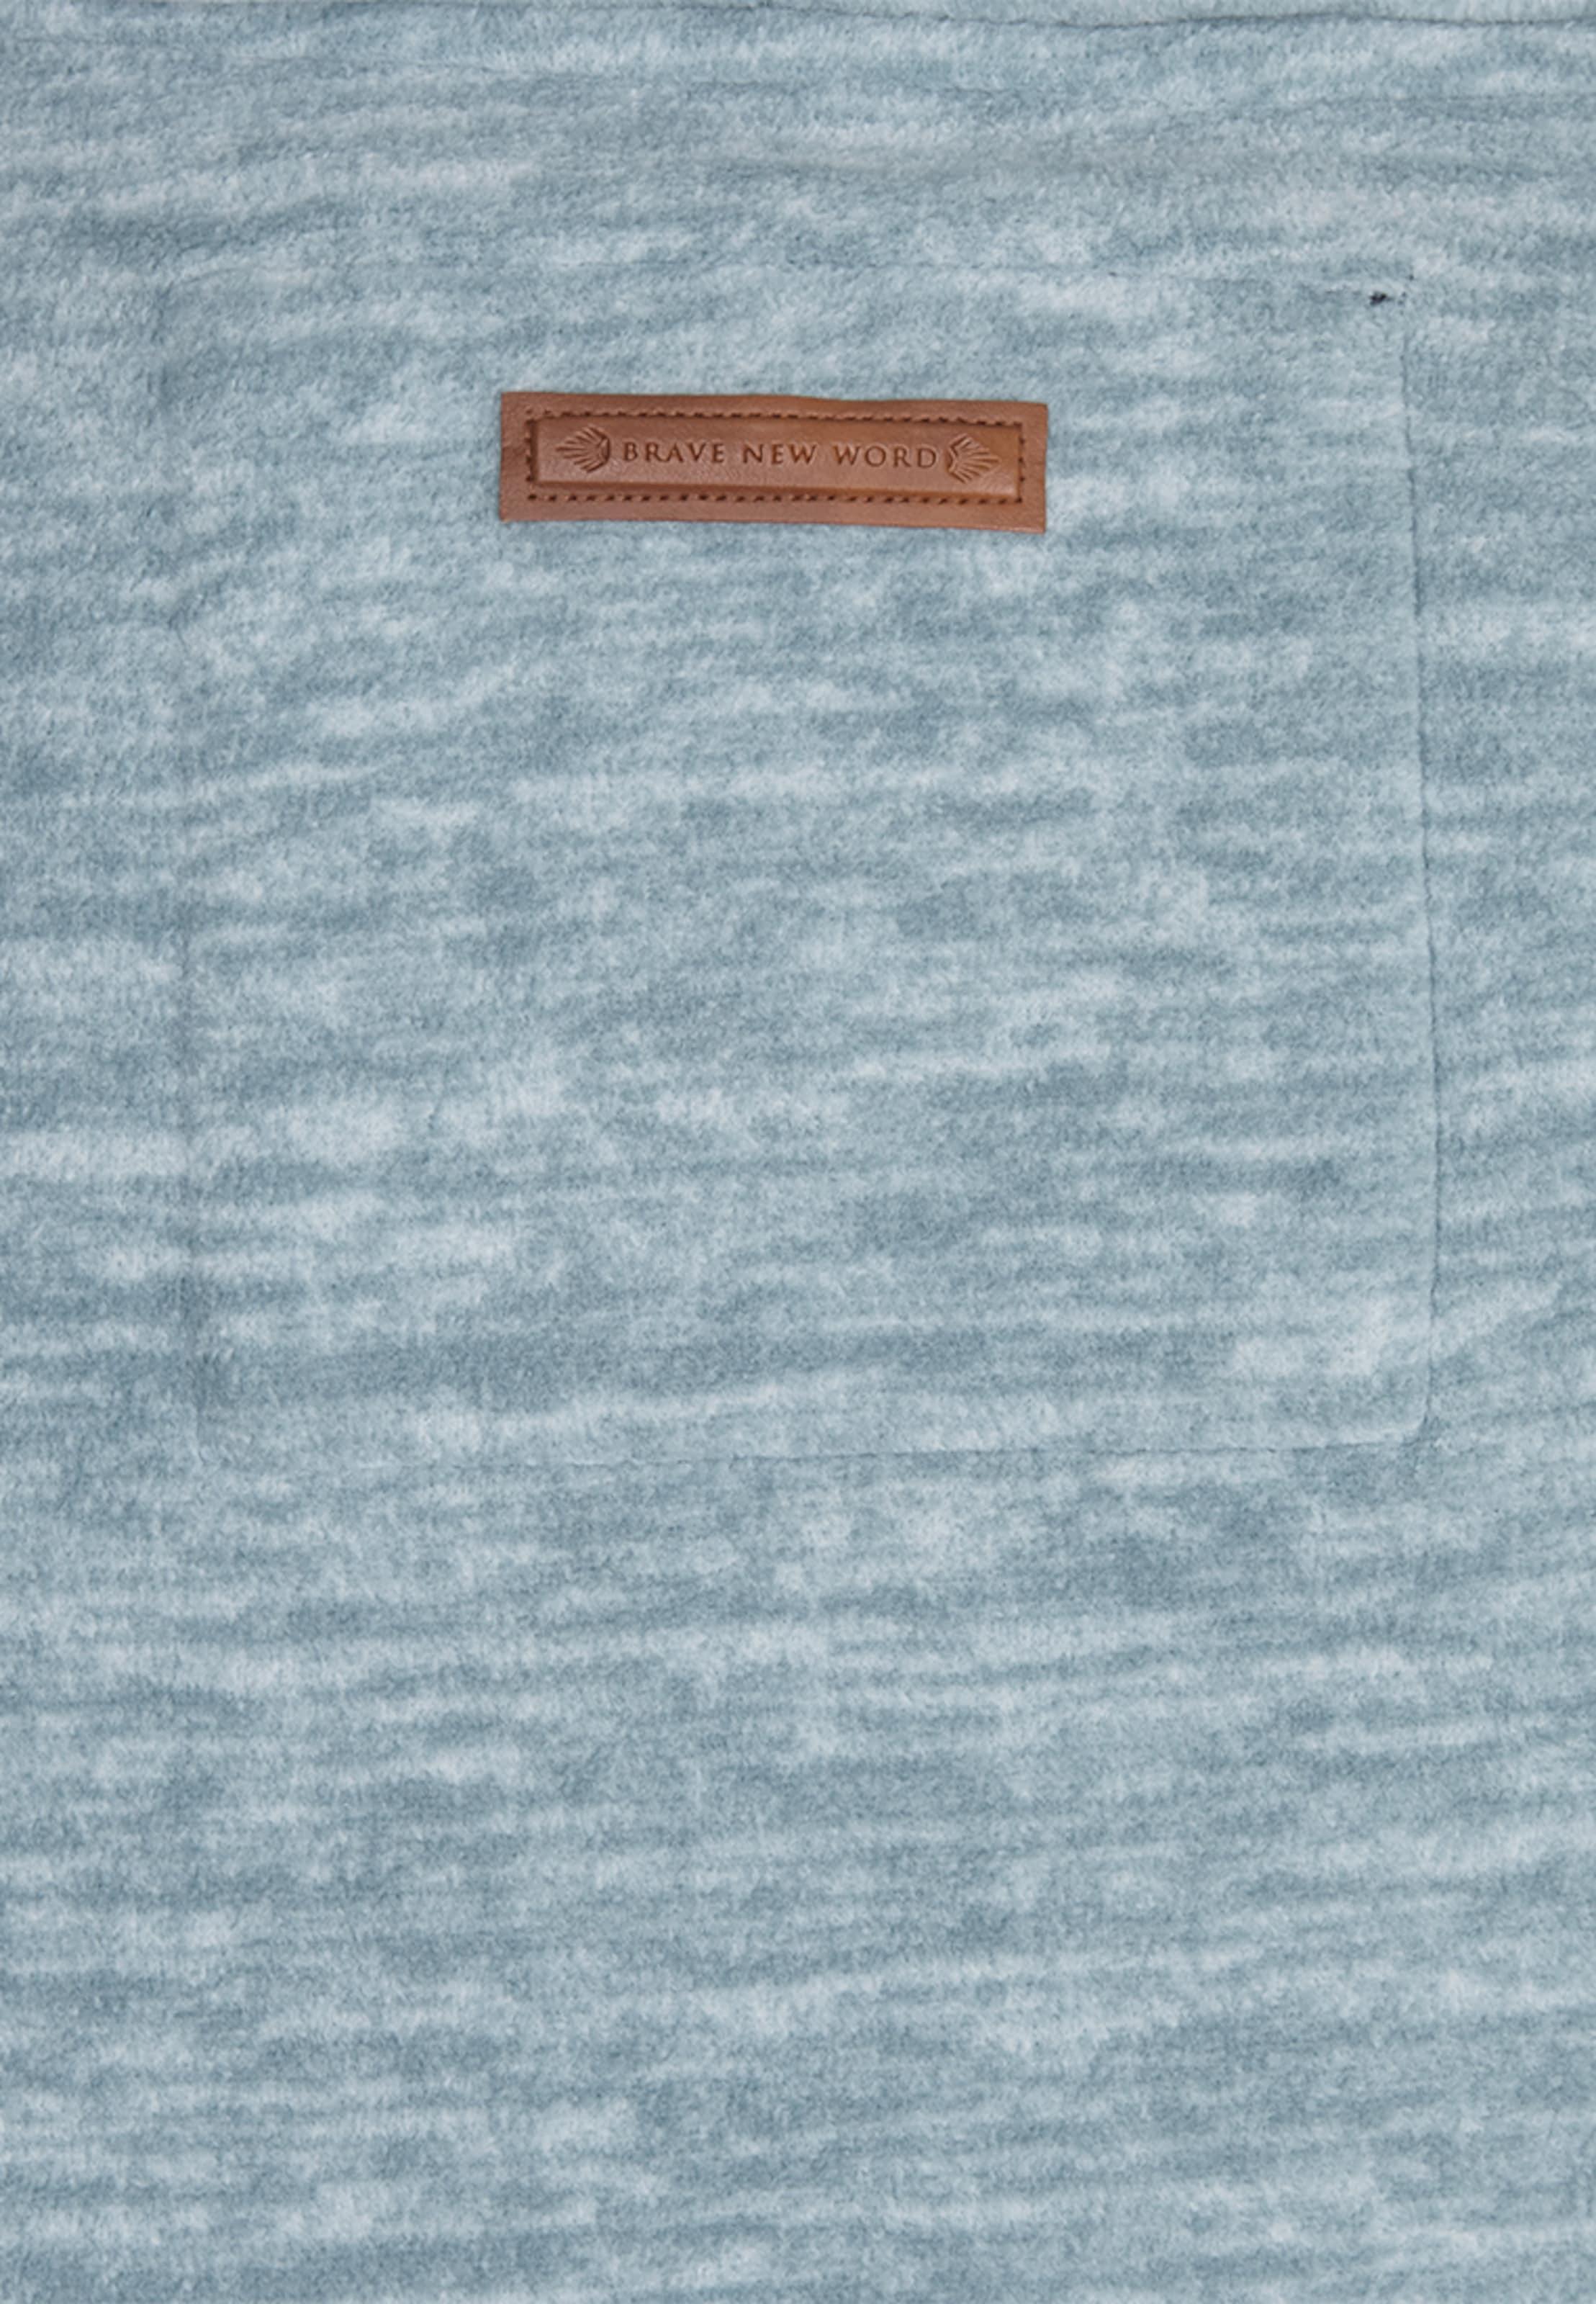 Billig Zum Verkauf naketano Male Zipped Jacket Wirklich Online-Verkauf bZQEXD